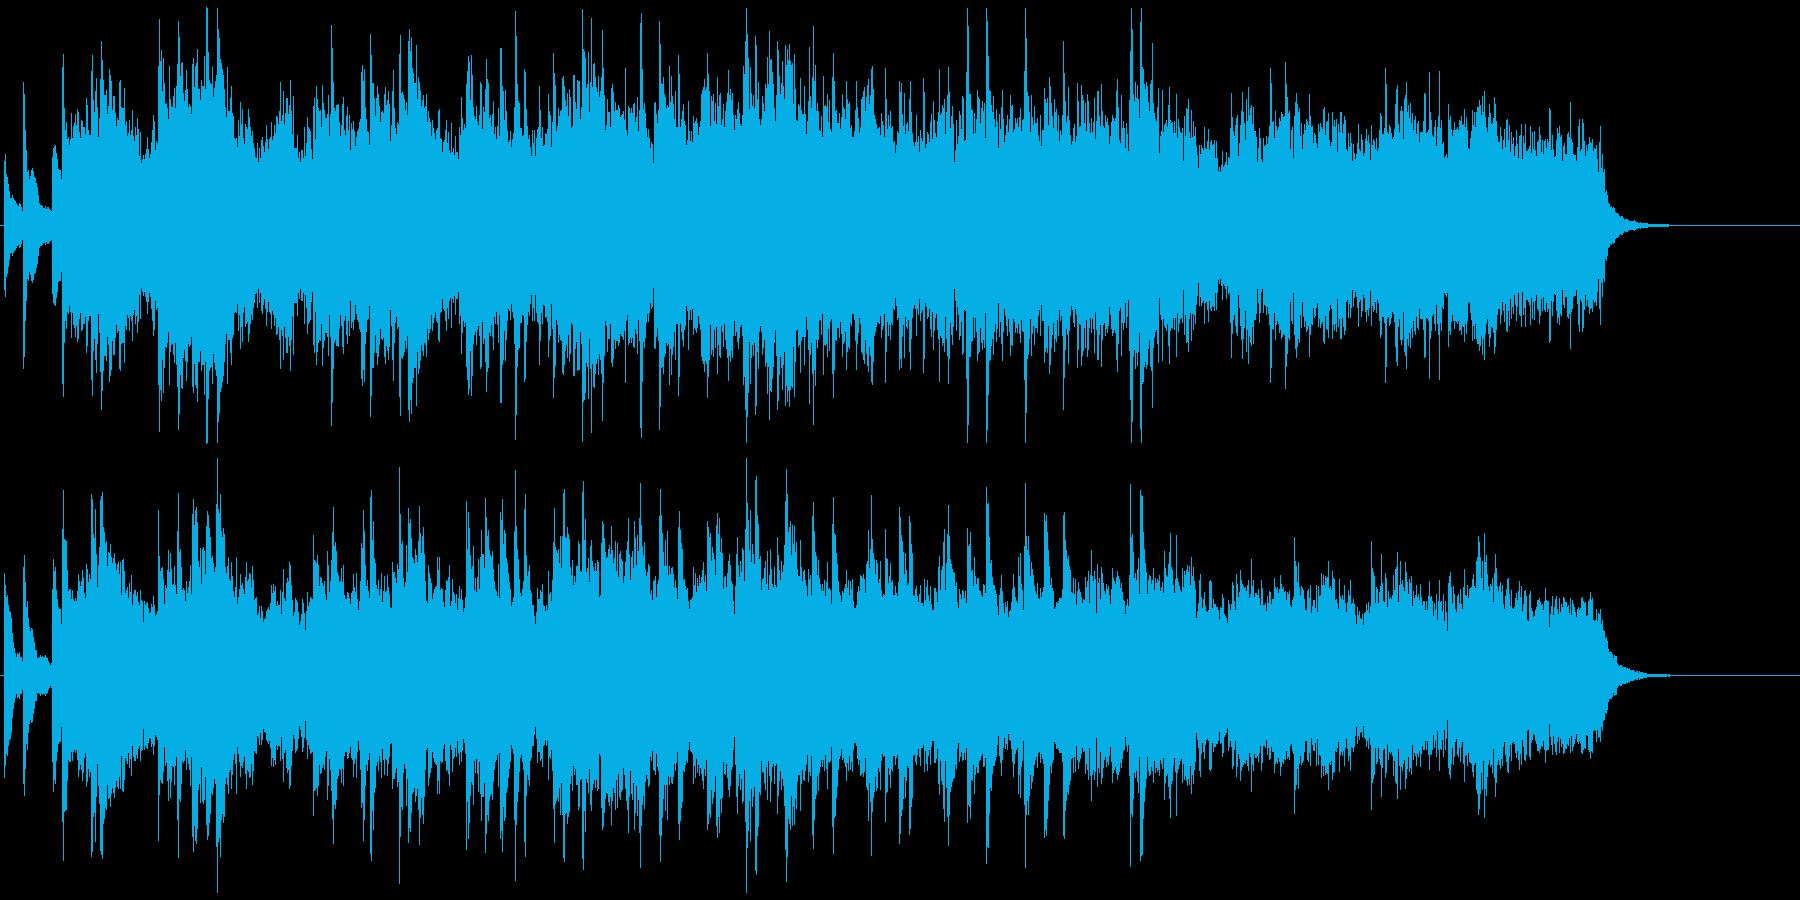 青空の様に爽やかなピアノとストリングスの再生済みの波形